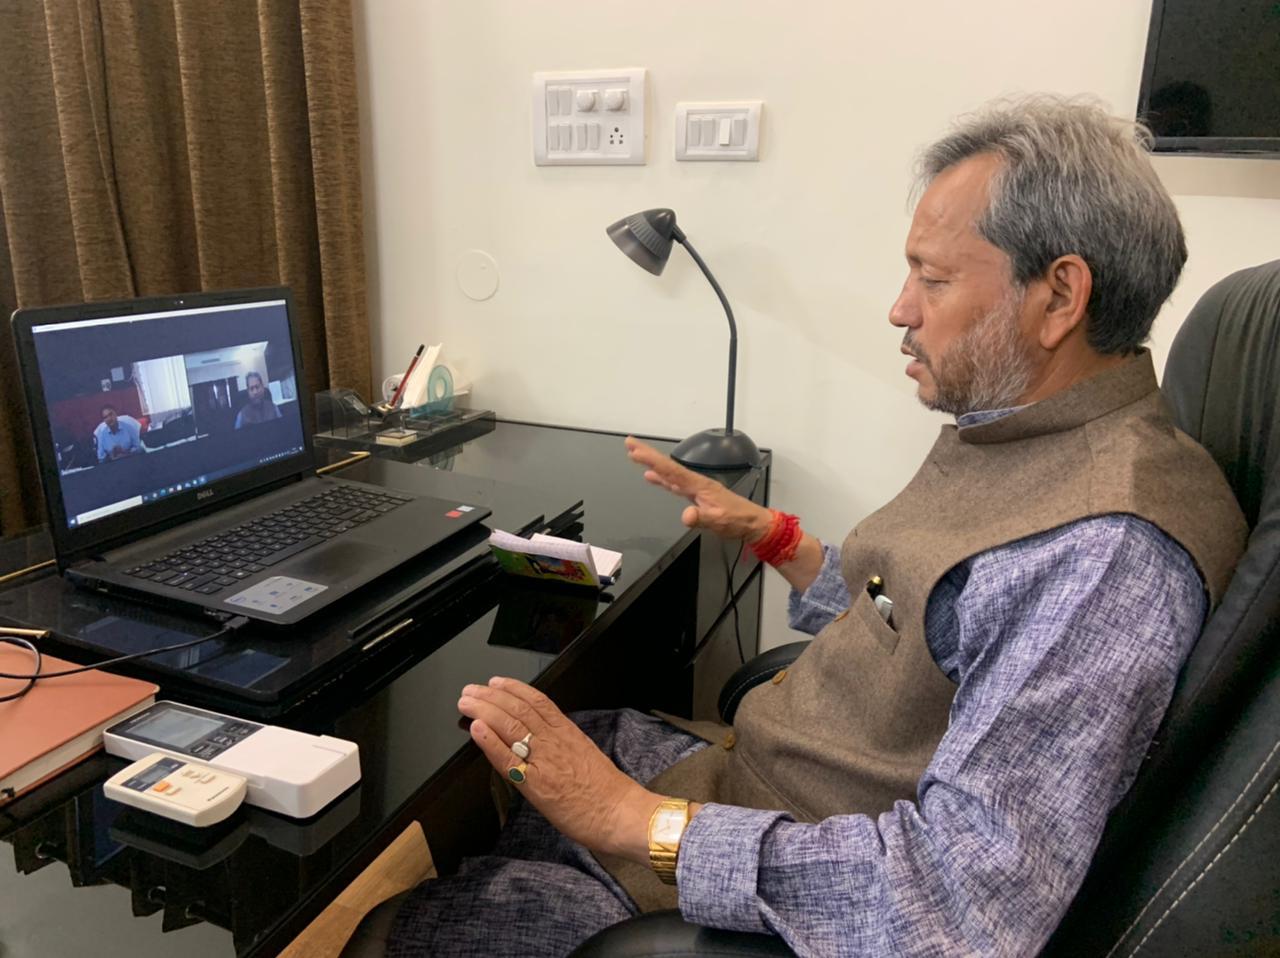 Uttarakhand CM in isolation